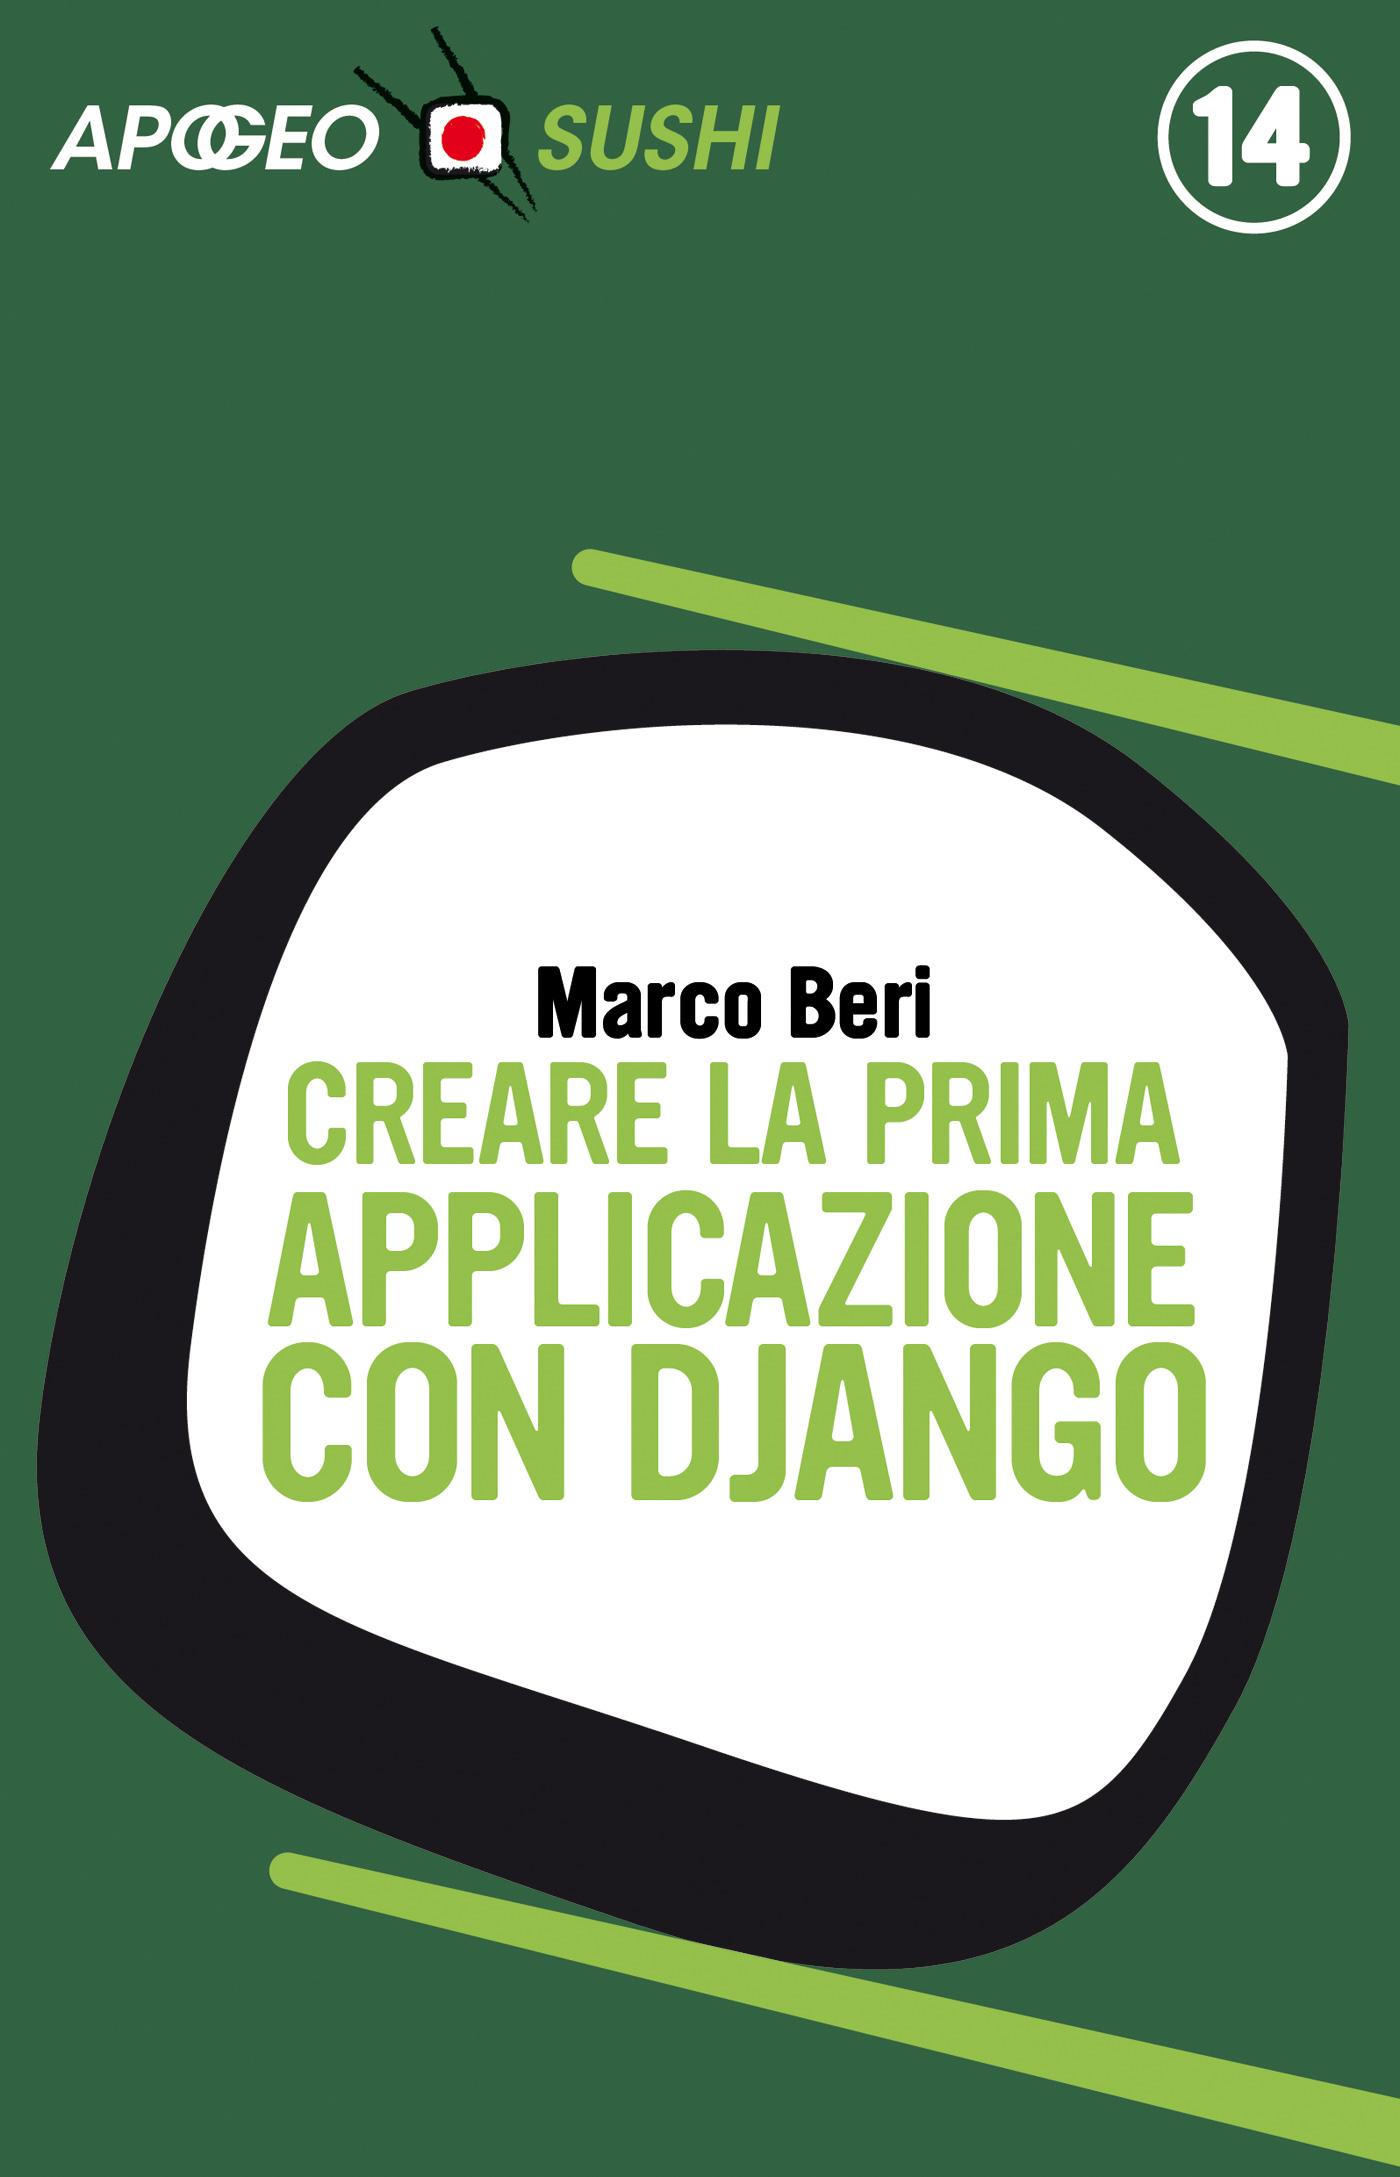 Creare la prima applicazione con Django – Marco Beri